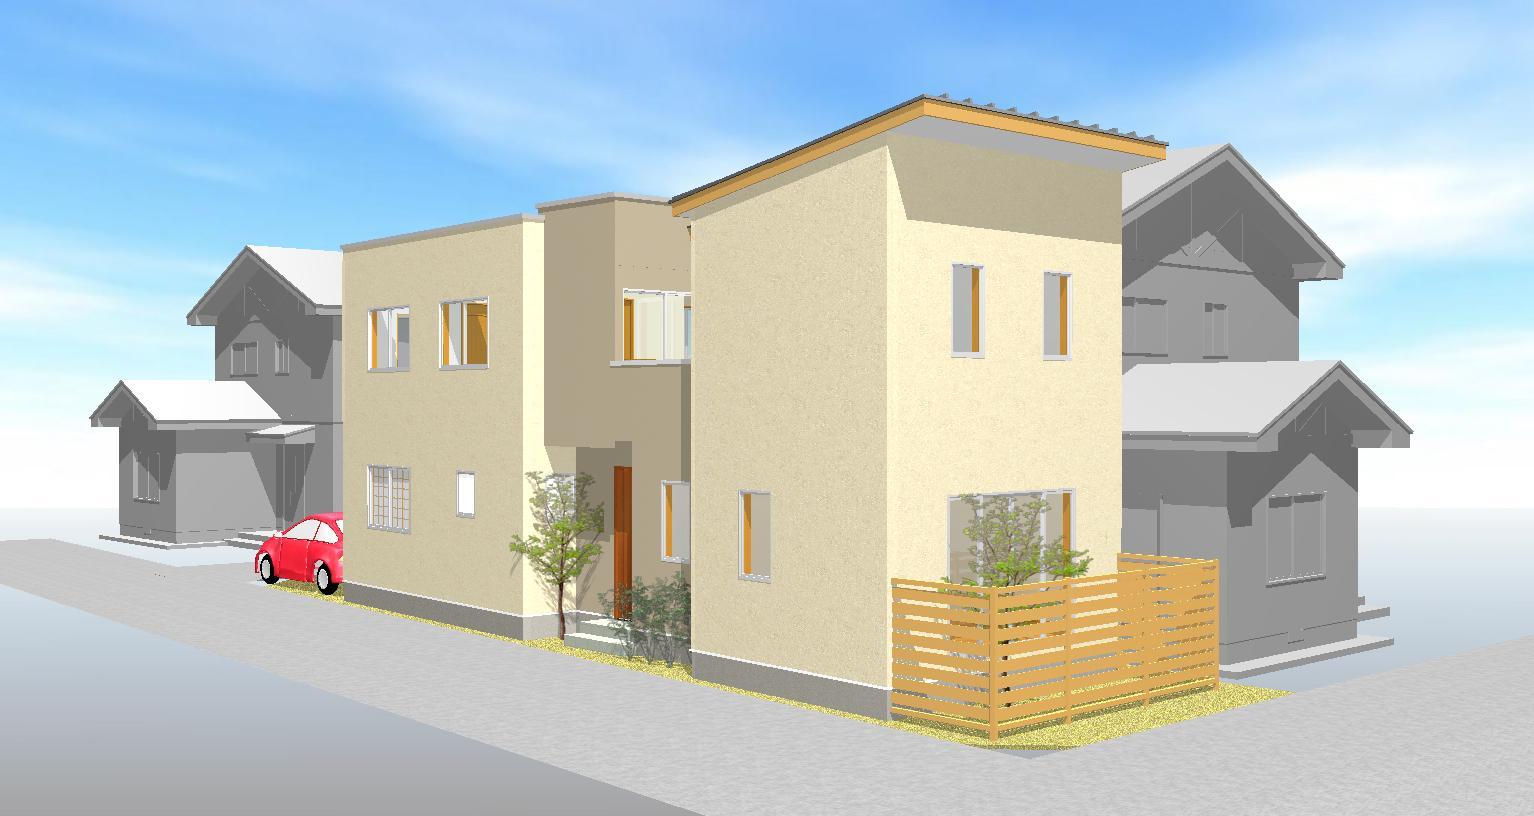 密集地の明るい機能的な家のパース/模型/CG/スケッチなど